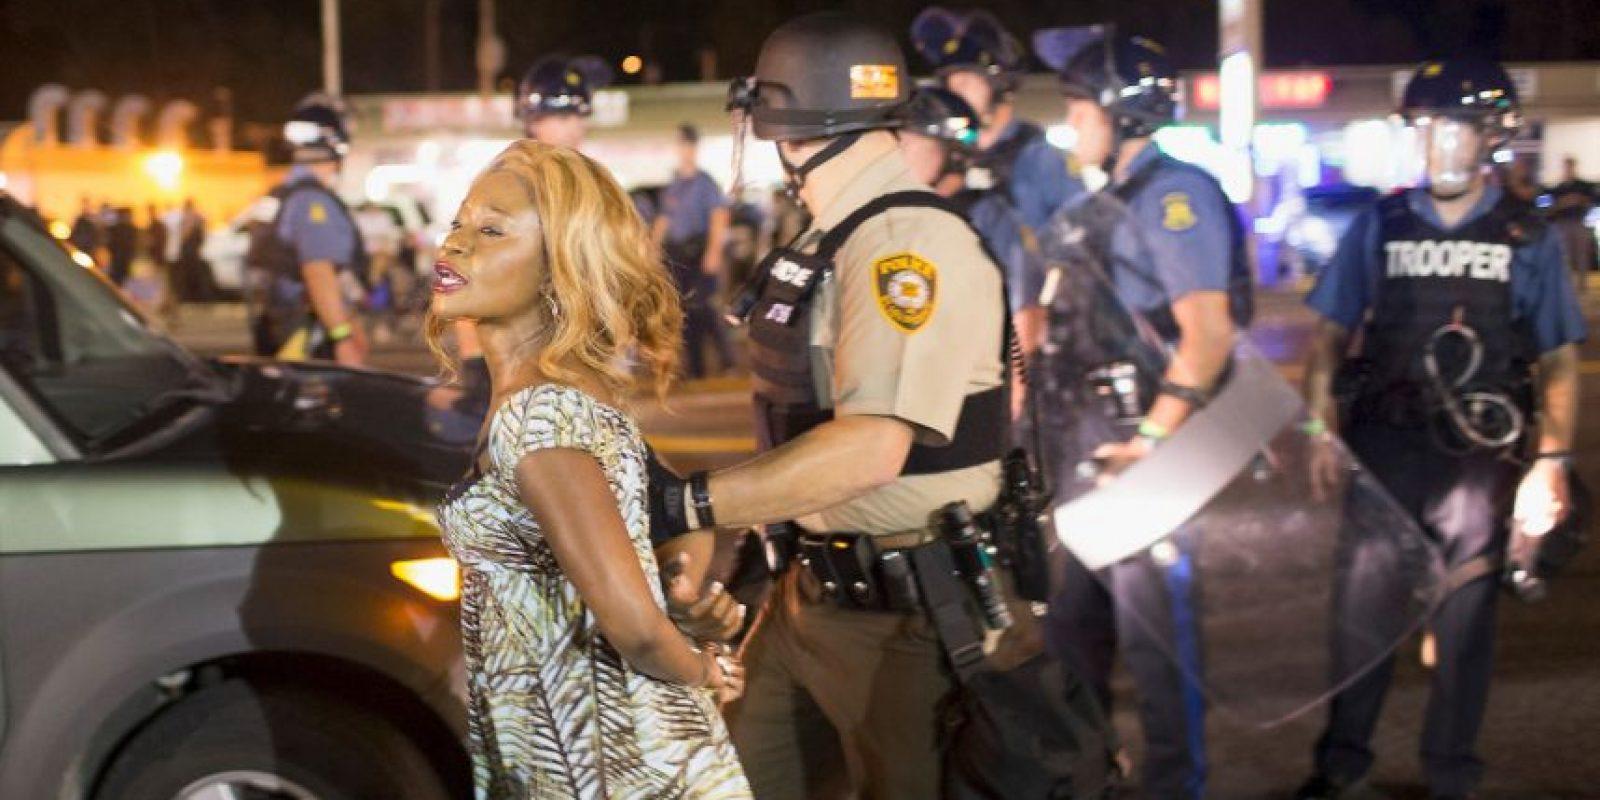 Dicho medio detalló que las autoridades no emplearon balas de goma ni gases lacrimógenos como el año pasado. Foto:Getty Images